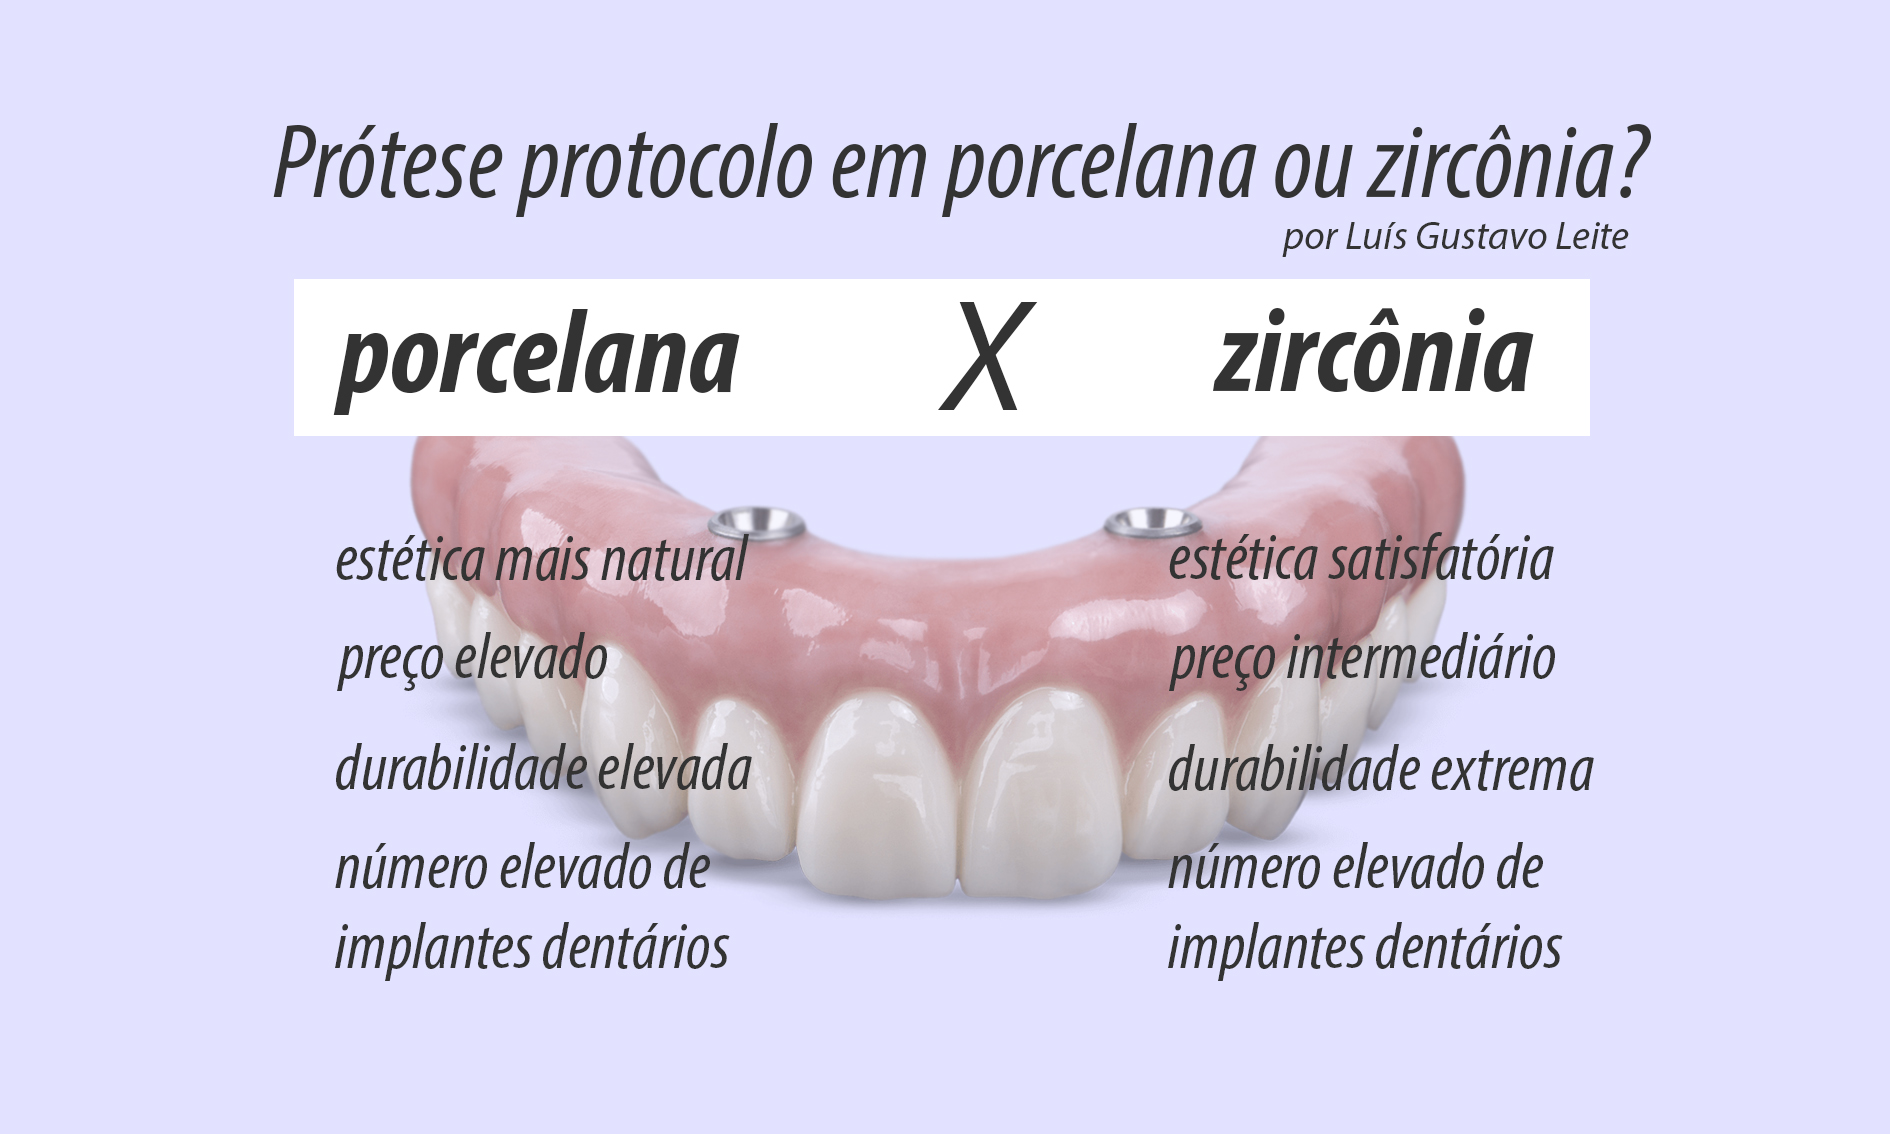 protese protocolo porcelana e zirconia diferenças